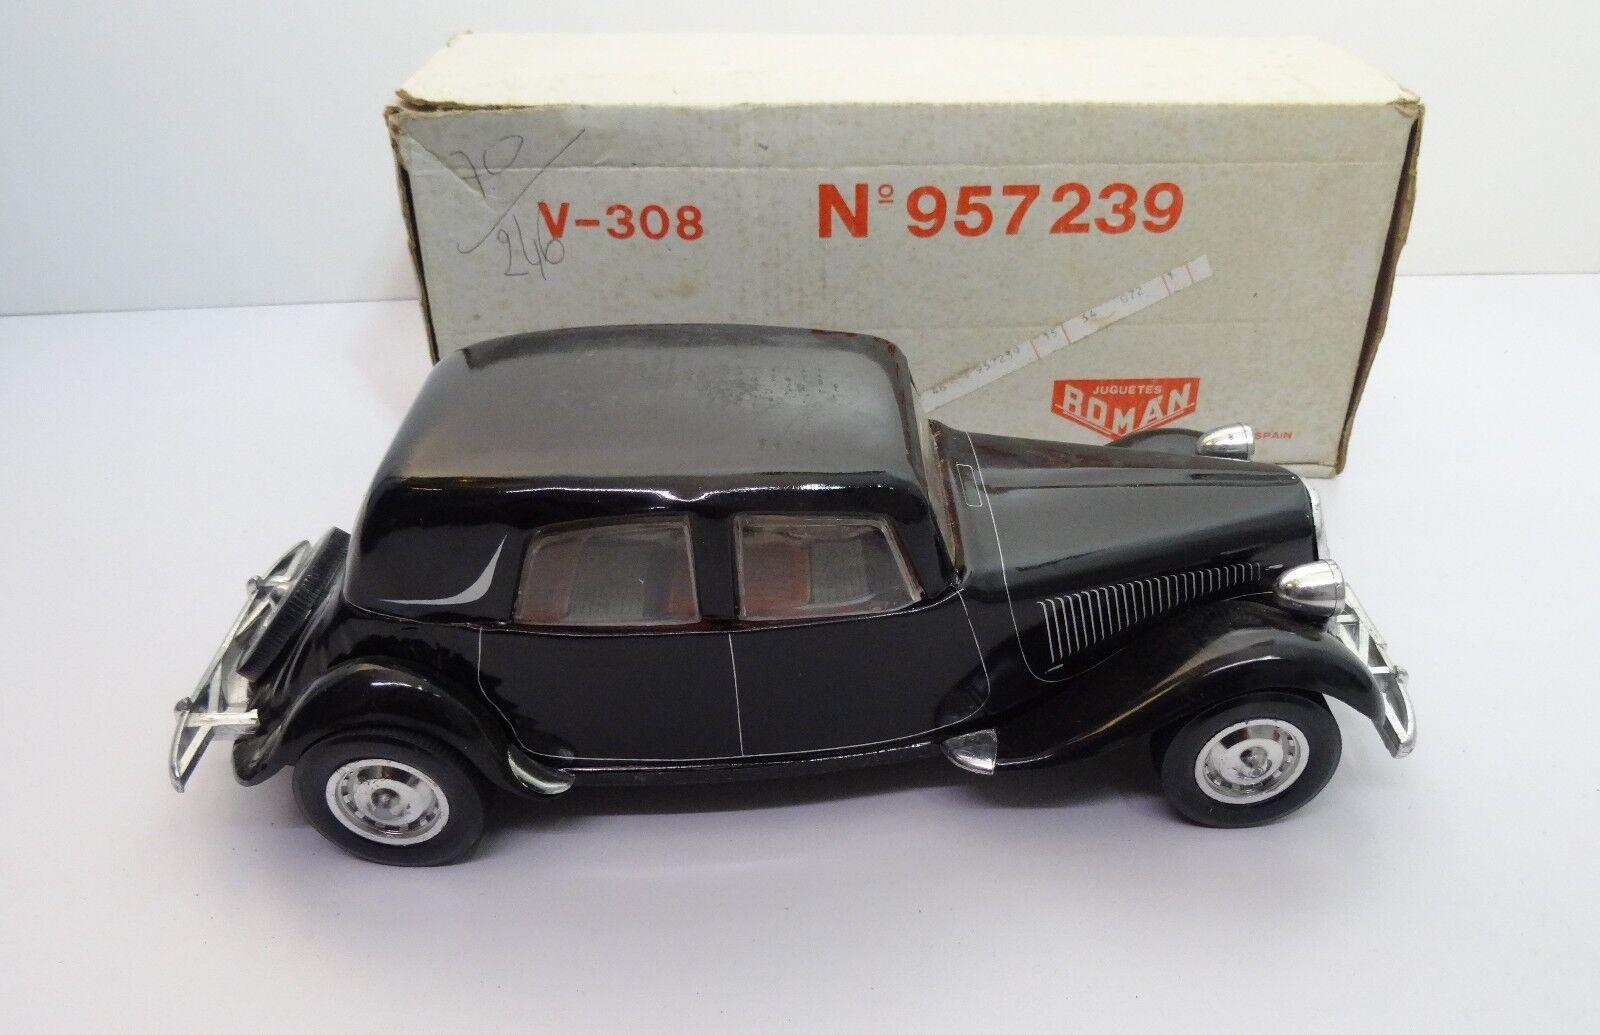 Juguettes Roman 1976 - Citroën Traction 11cv voiture miniature échelle 1 24